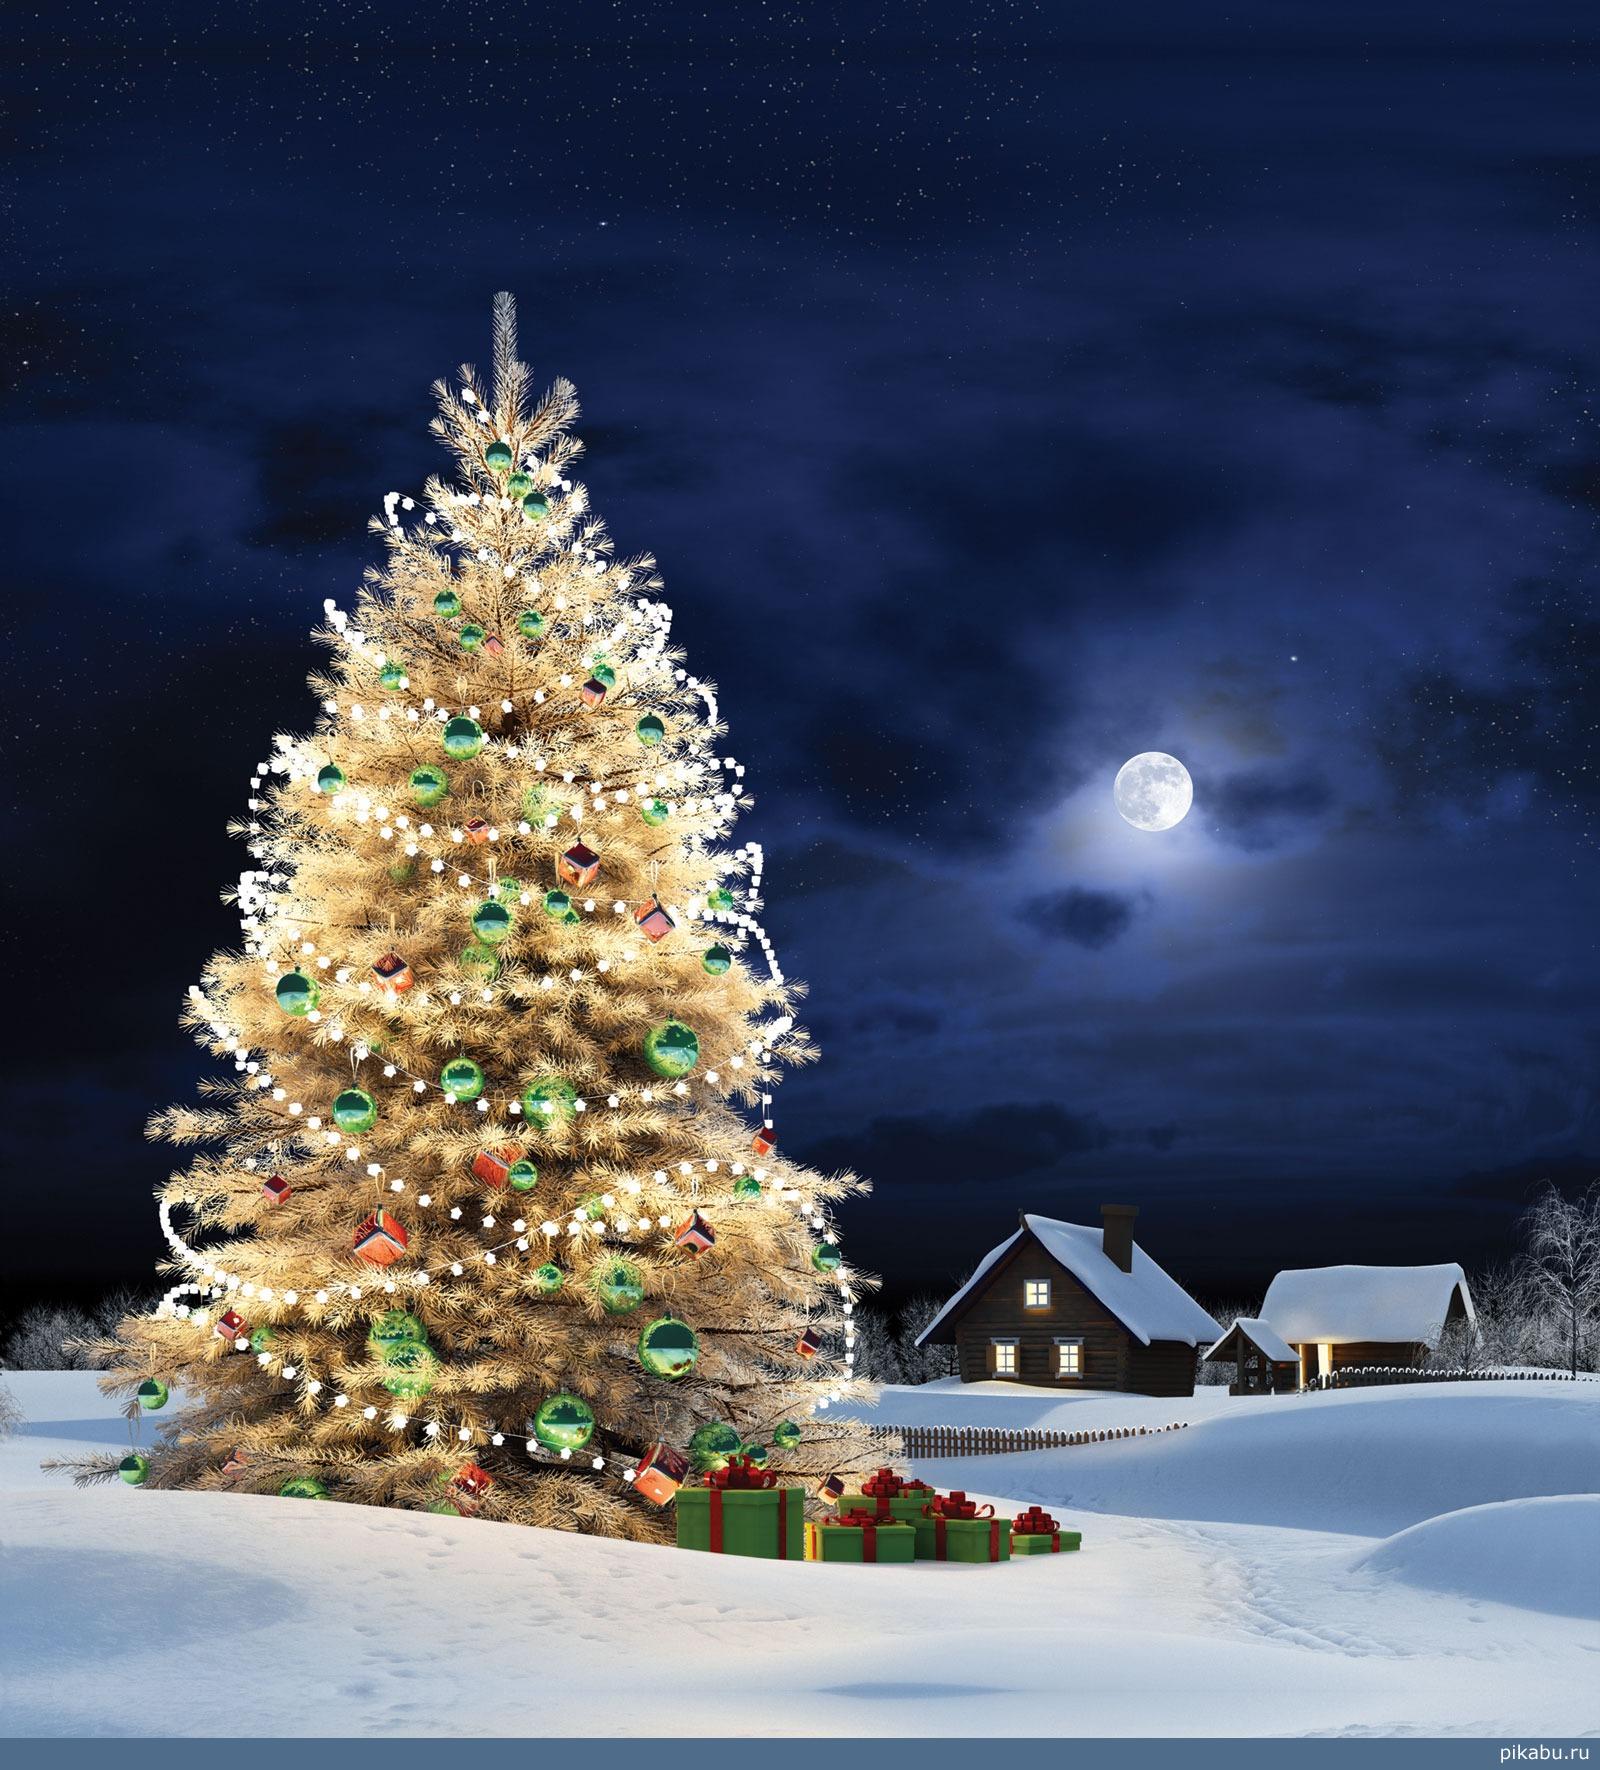 Сердечно поздравляю всех Вас с наступившим Новым годом и Рождеством